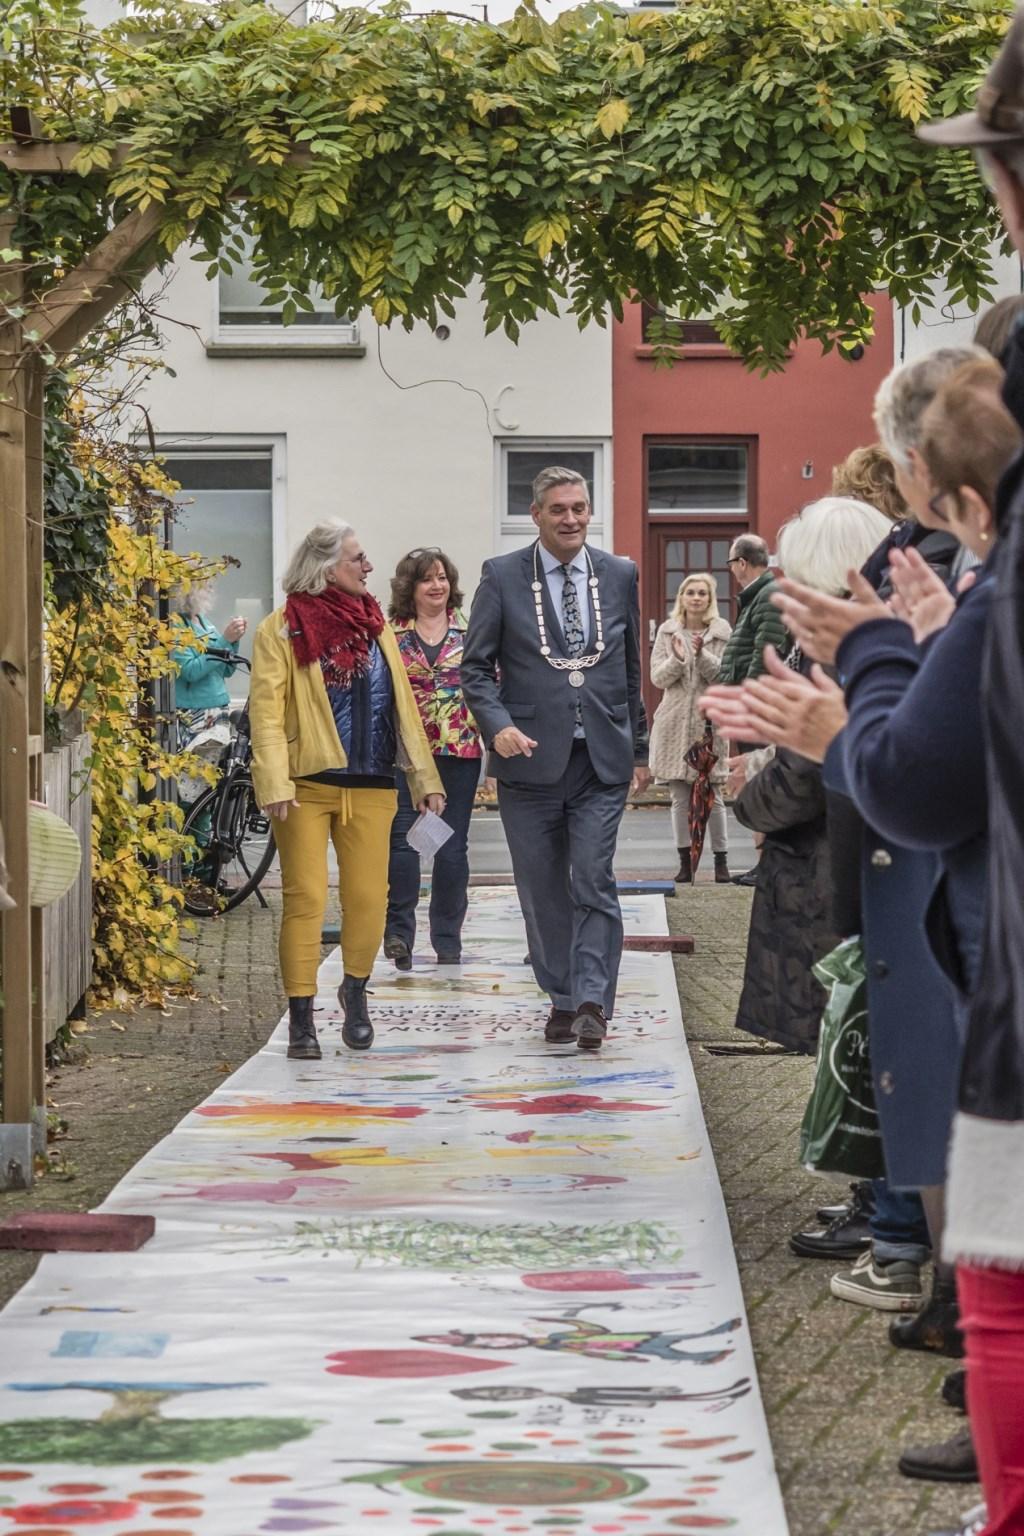 Dianne met burgemeester over de loper Foto: Dianne met burgemeester over de loper © DPG Media